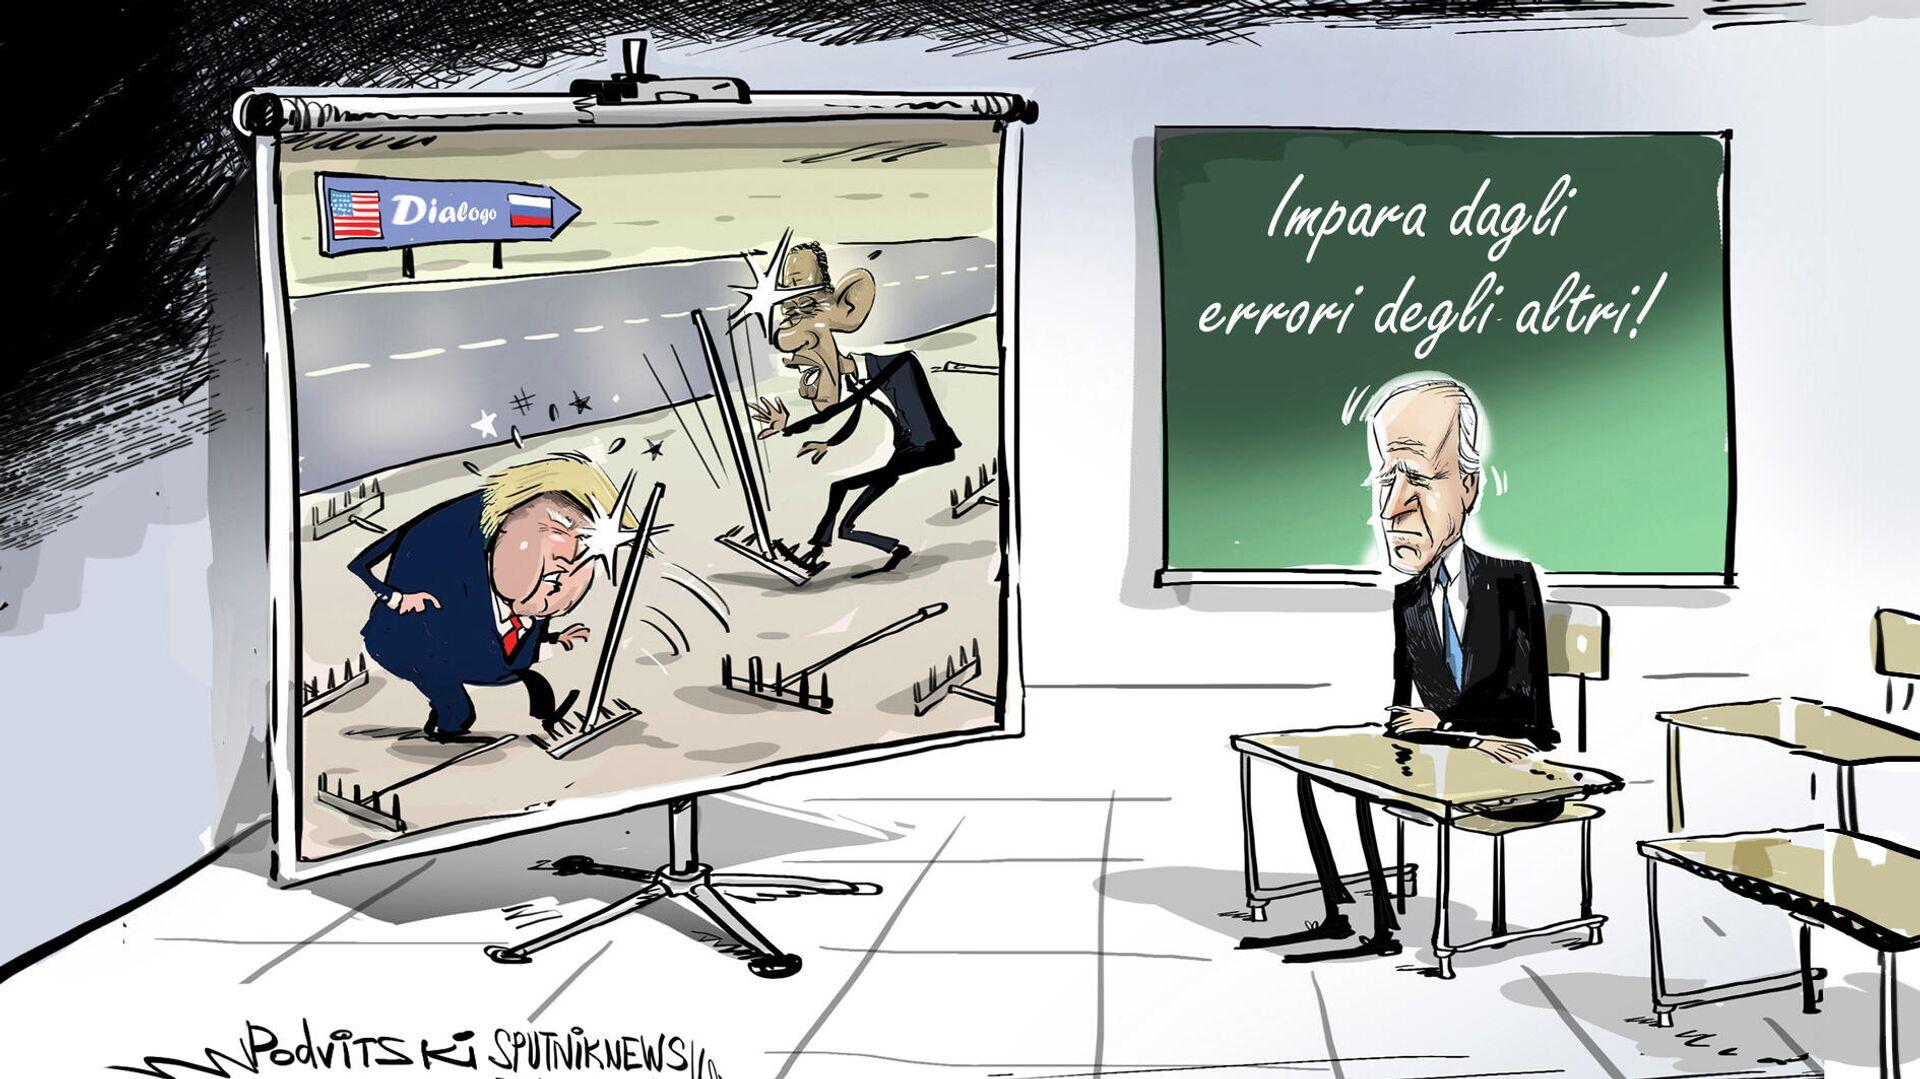 Lavrov chiede agli Usa di lavorare sui propri errori prima dell'incontro tra Putin e Biden - Sputnik Italia, 1920, 09.06.2021